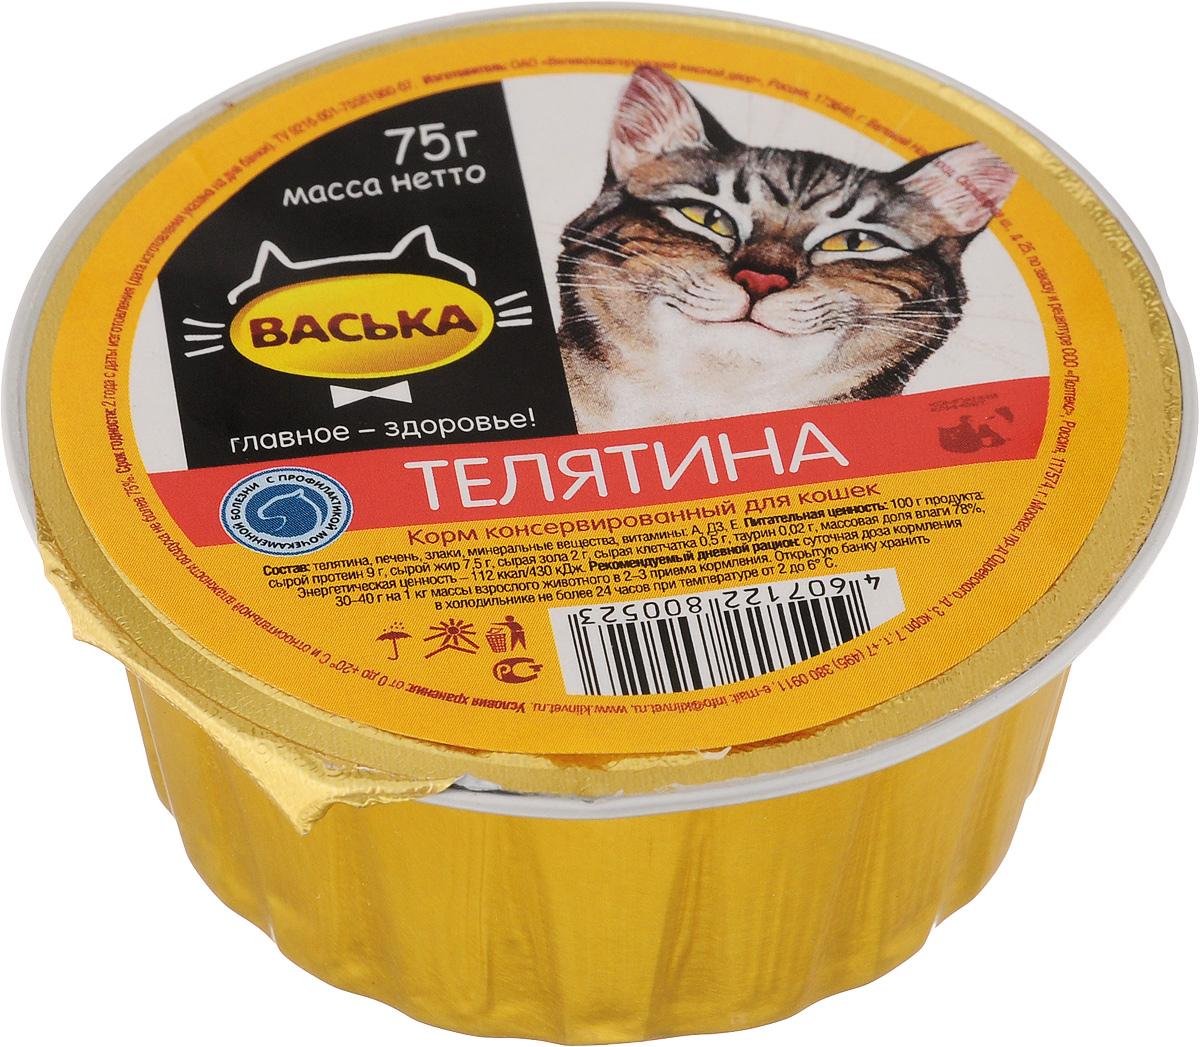 Консервы для кошек Васька, для профилактики мочекаменных болезней, телятина, 75 г0523Консервированный корм Васька - это сбалансированное и полнорационное питание, которое обеспечит вашего питомца необходимыми белками, жирами, витаминами и микроэлементами. Нежный паштет порадует кошек любых возрастов и вкусовых предпочтений. Высокий процент содержания влаги в продукте является отличной профилактикой возникновения мочекаменной болезни. Нежное мясо молодого теленка отличается пониженной жирностью, а входящие в состав витамины, незаменимые аминокислоты - таурин и микроэлементы позволят вашему питомцу быть здоровым и жизнерадостным. Корм абсолютно натуральный, не содержит ГМО, ароматизаторов и искусственных красителей. Удобная одноразовая упаковка сохраняет корм свежим и позволяет контролировать порцию потребления. Товар сертифицирован.